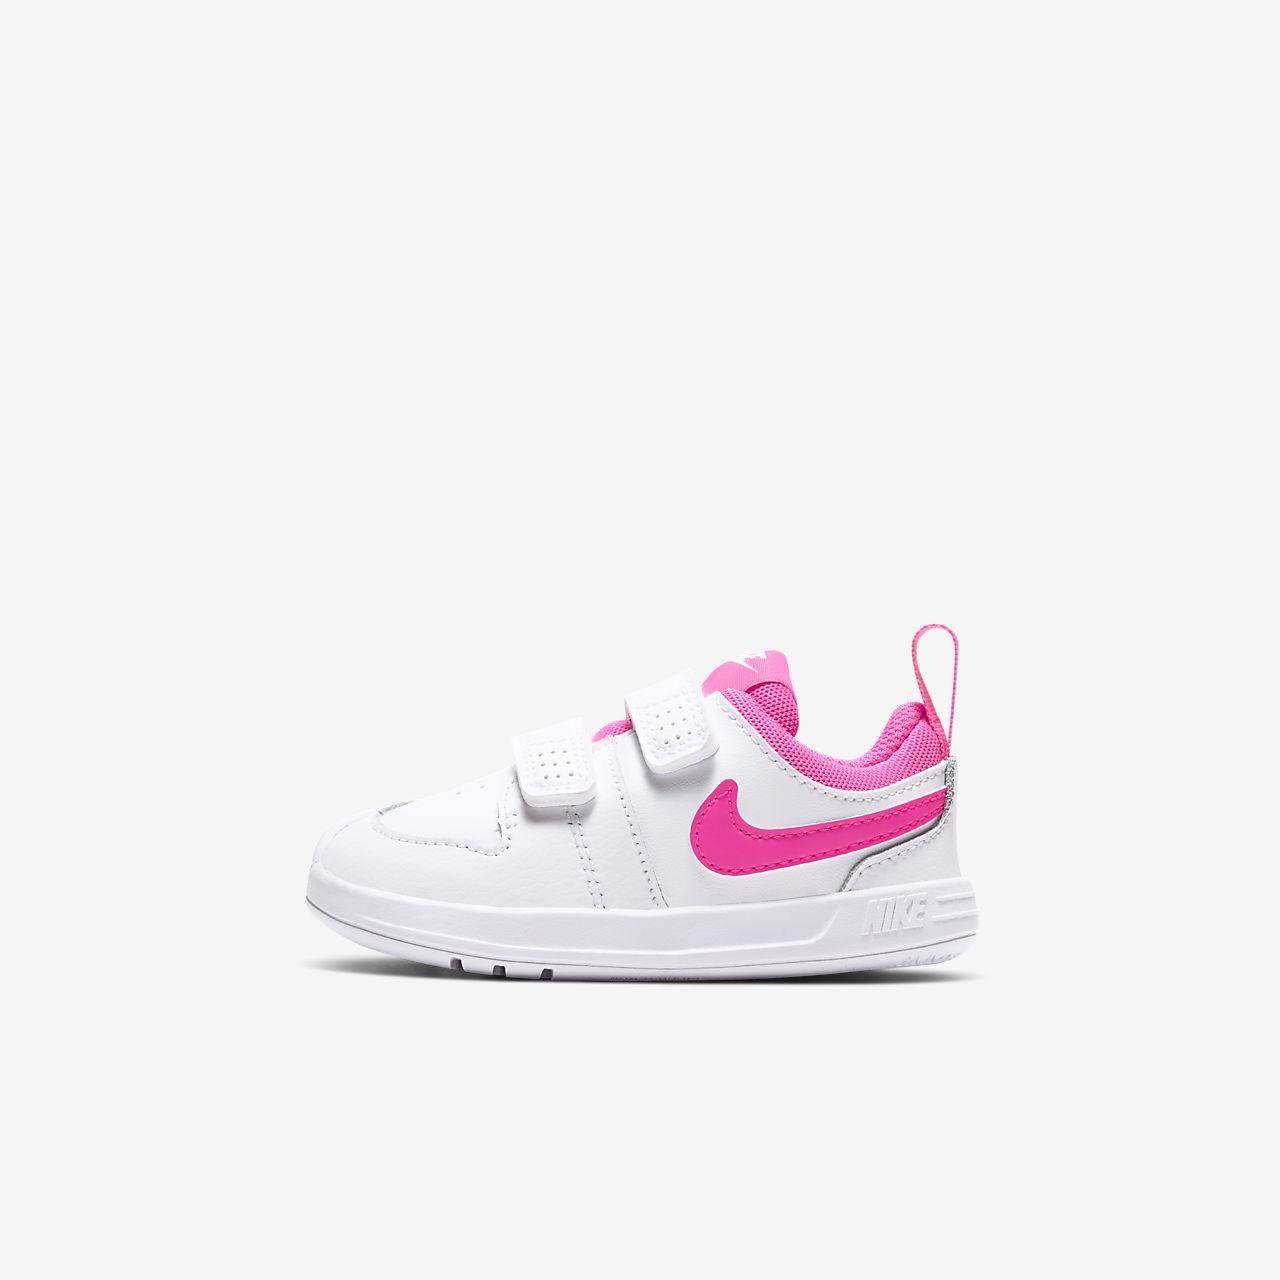 Nike Pico 5 Sabatilles - Nadó i infant